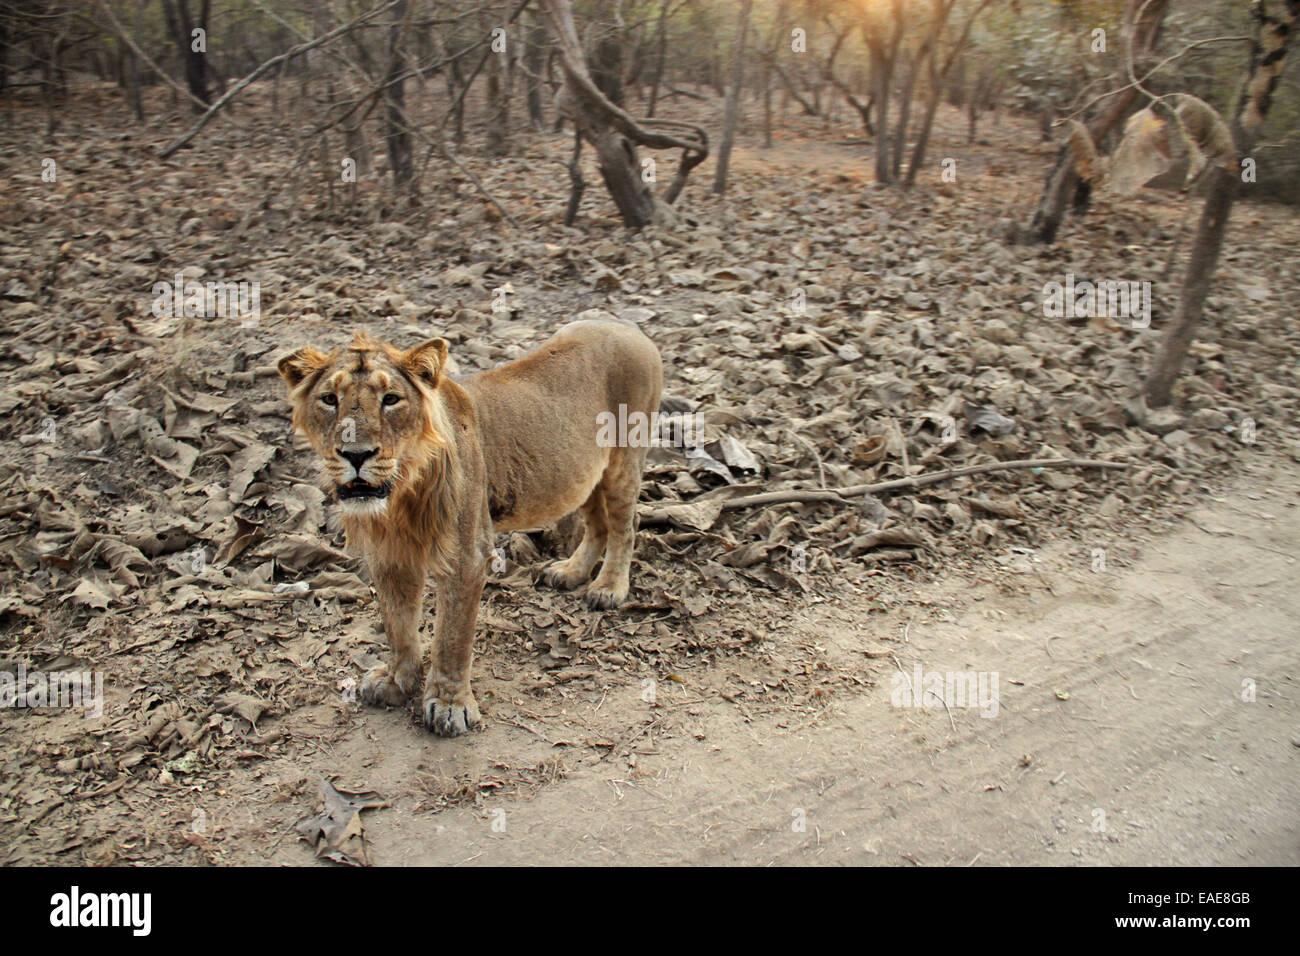 Gir Forest National Park, Sasan Gir, Gujarat, India - Stock Image